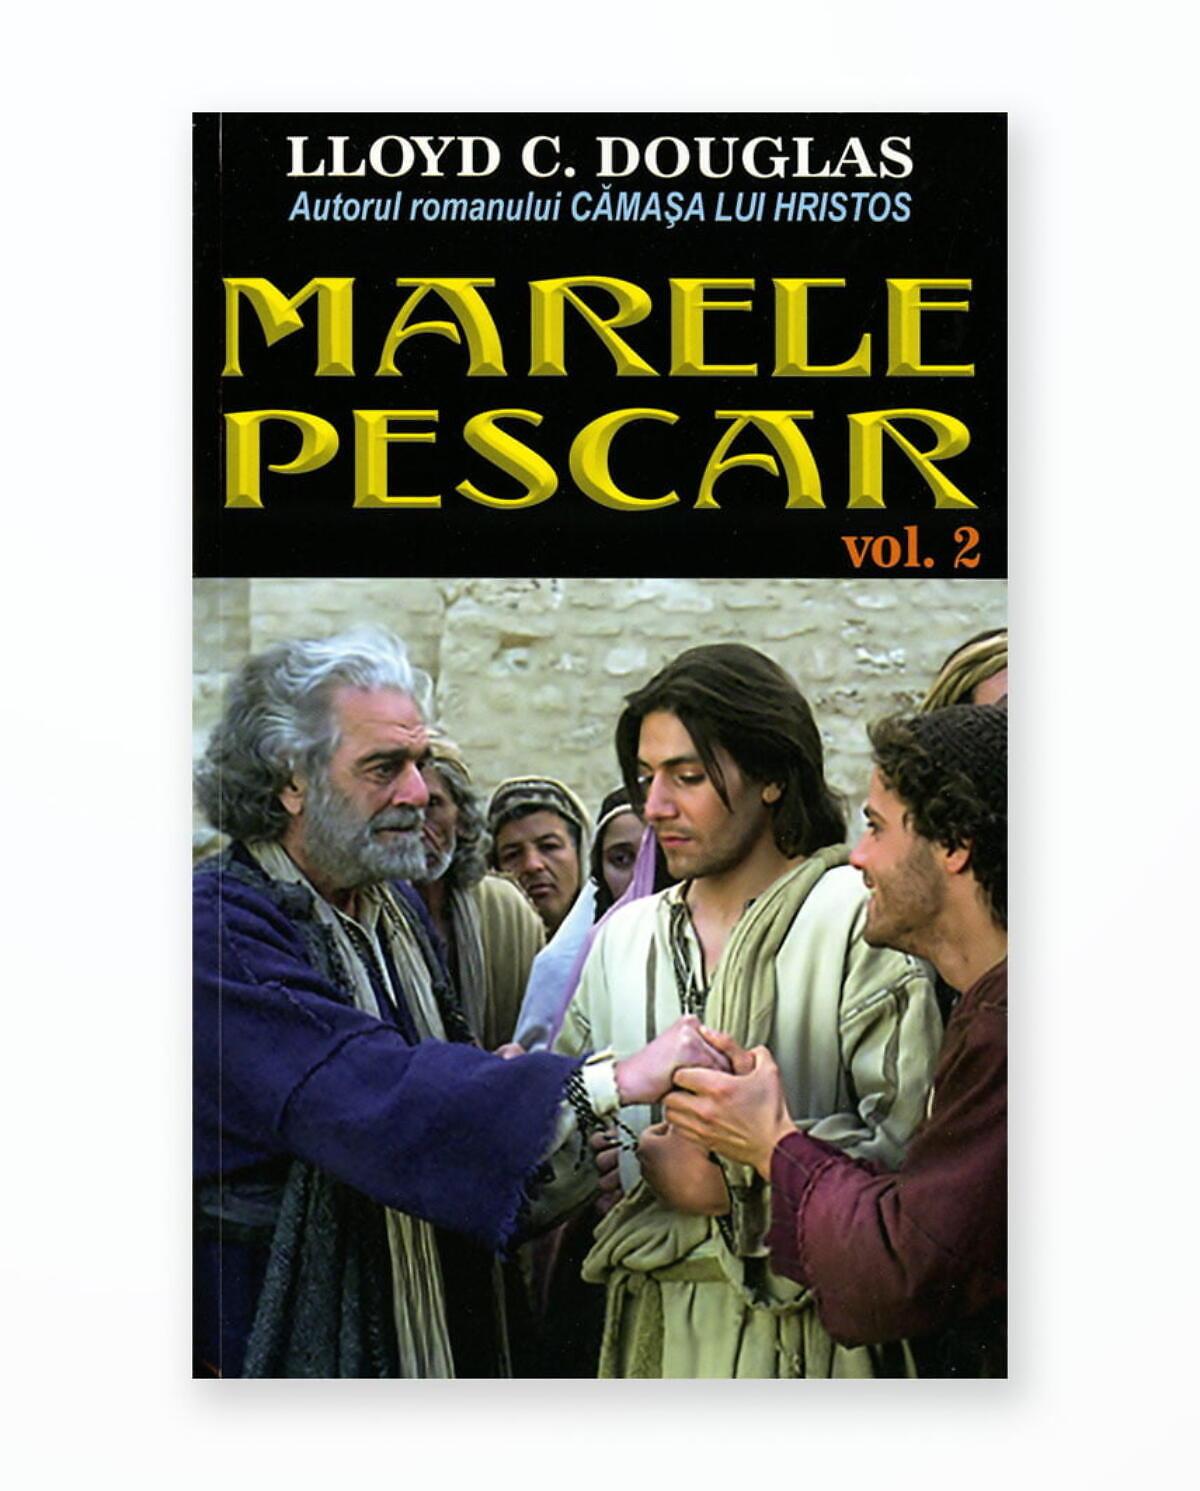 MARELE PESCAR - Volumul 2